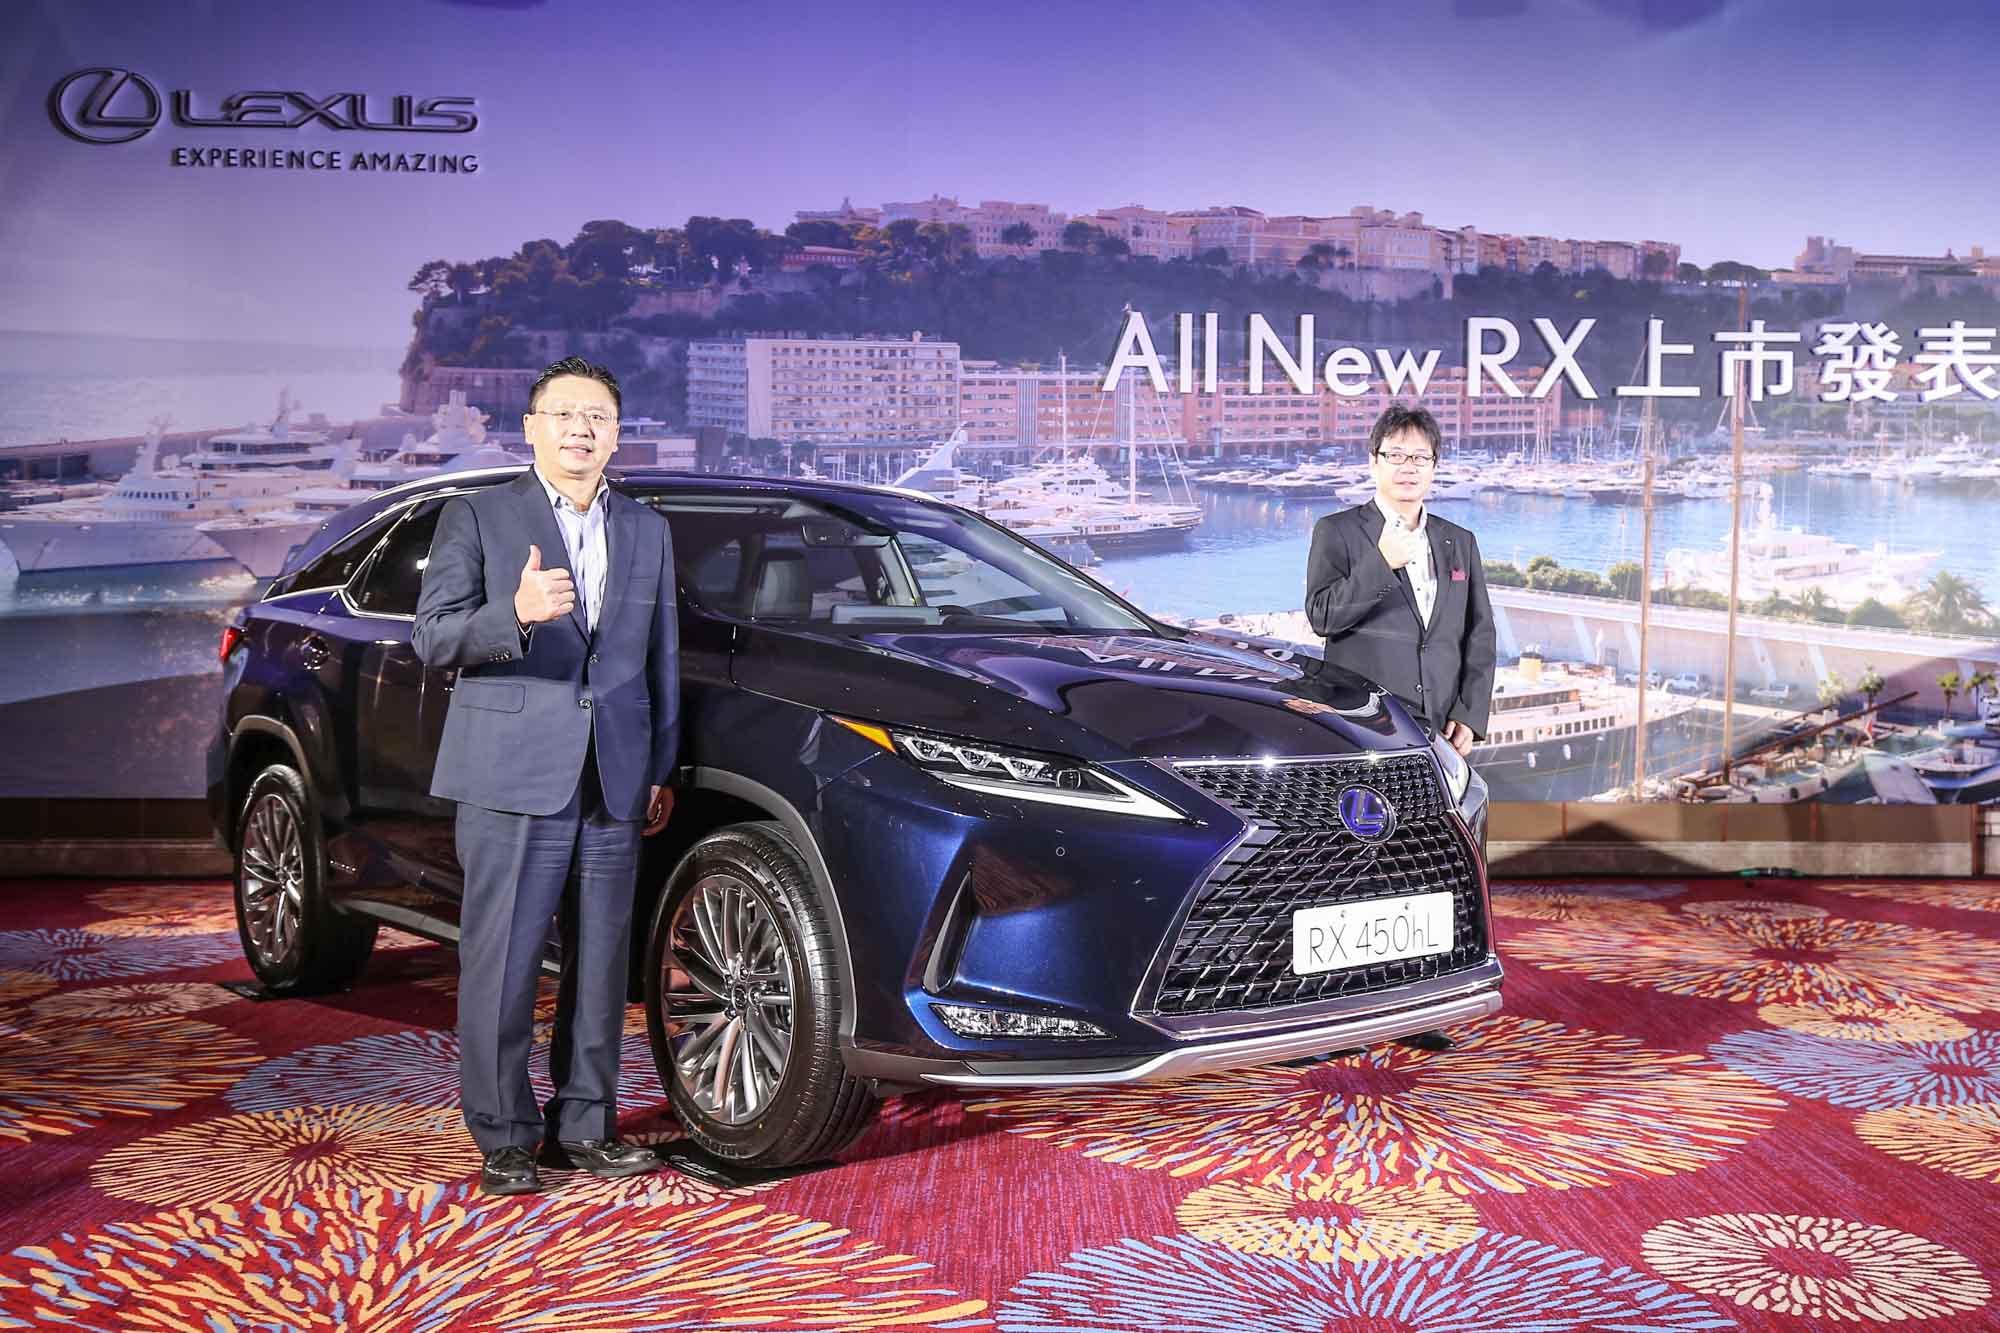 小改款 RX 車系正式發表上市